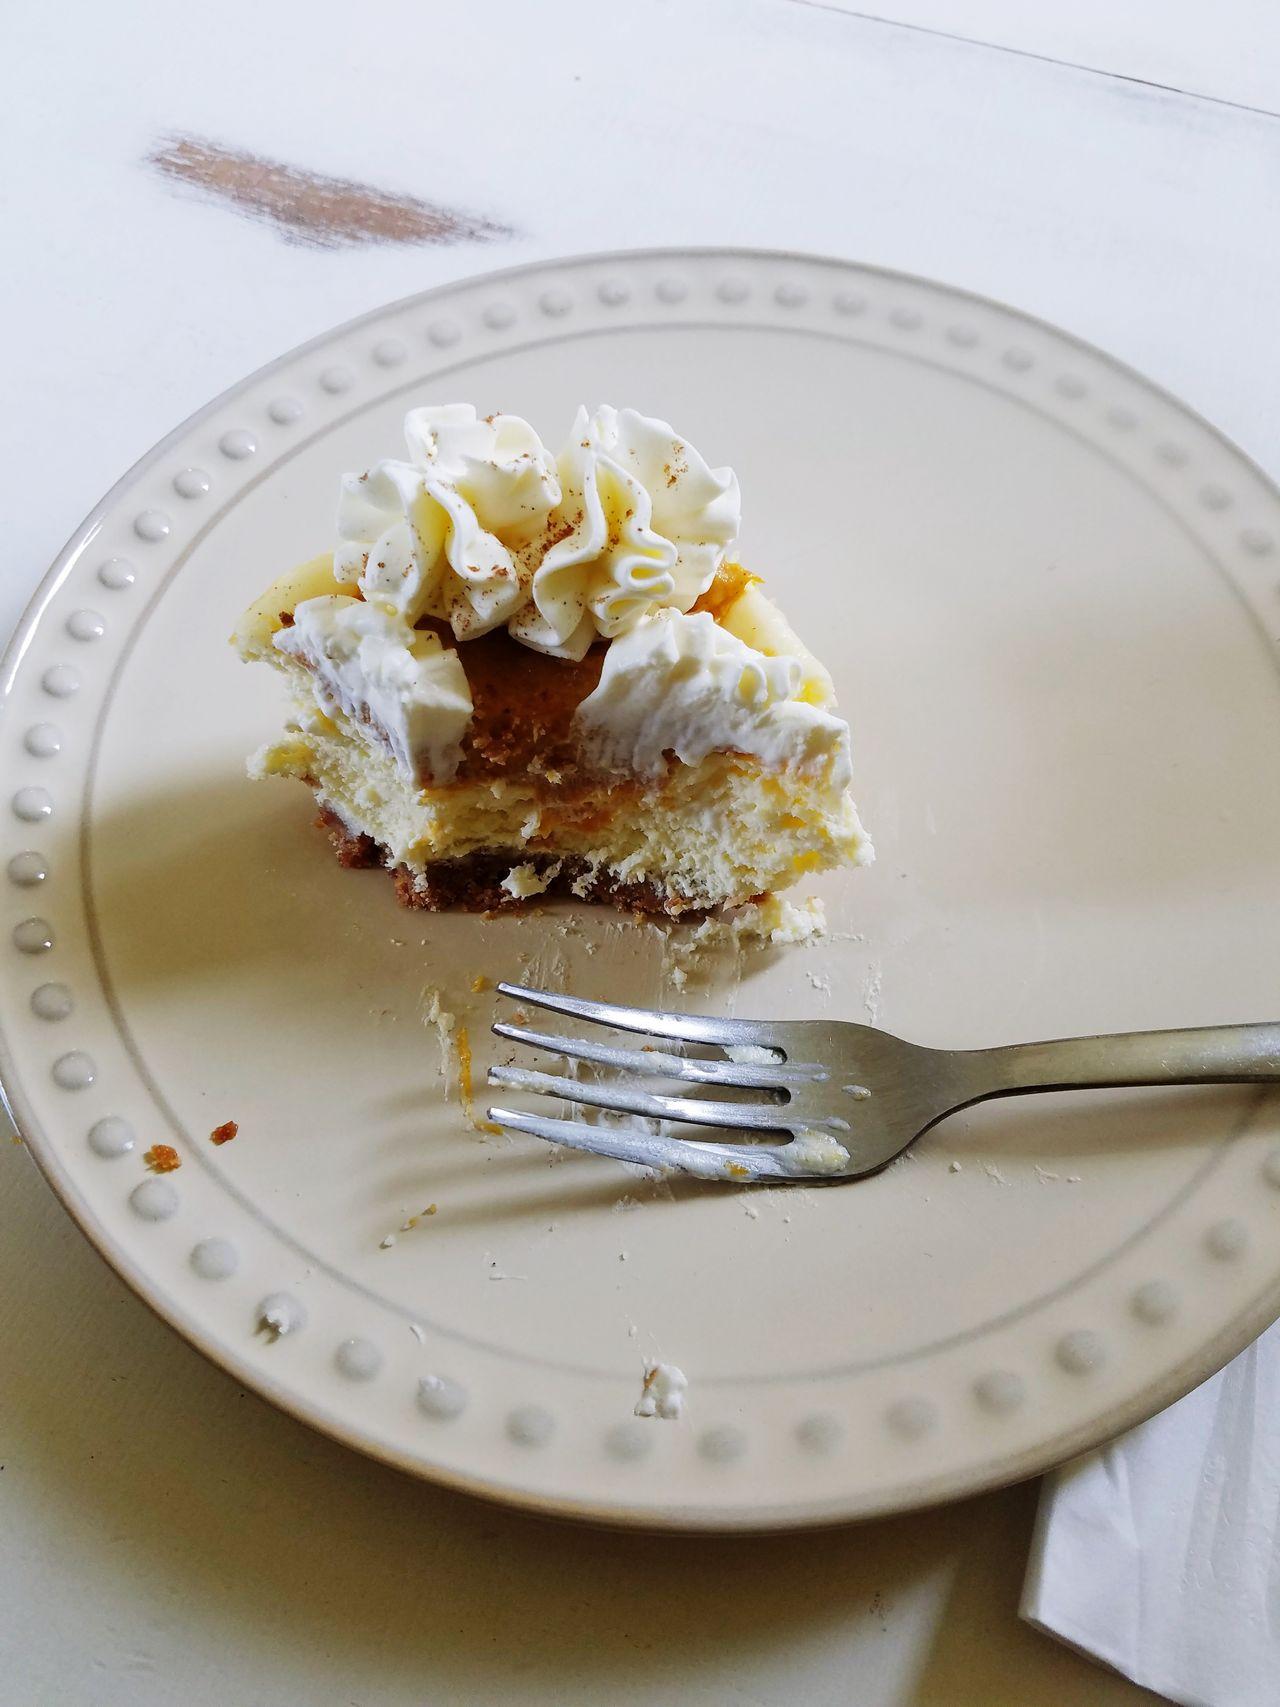 Sweet Food Dessert Pumpkin Cheesecake Delicious Dessert Amazing Dessert Best Dessert Ever Yummy Food Yummy ♥